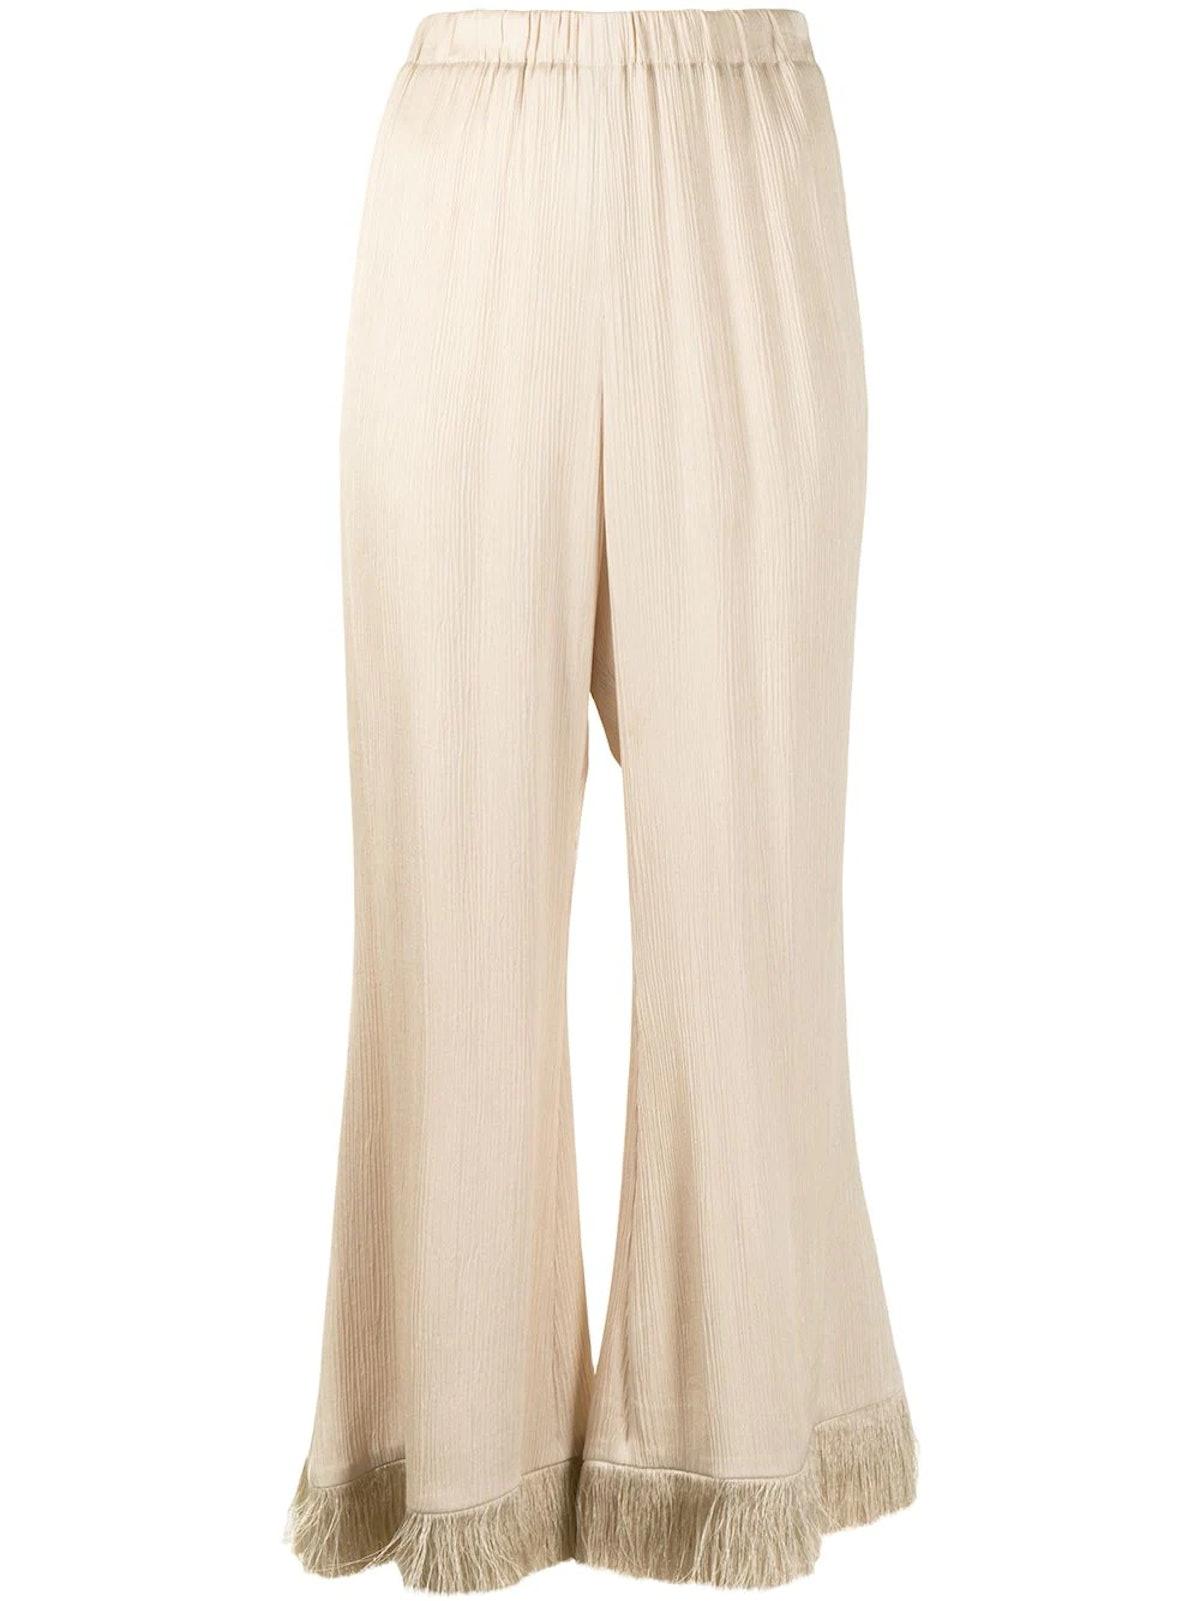 Muller Of Yoshiokubo fringe pants.